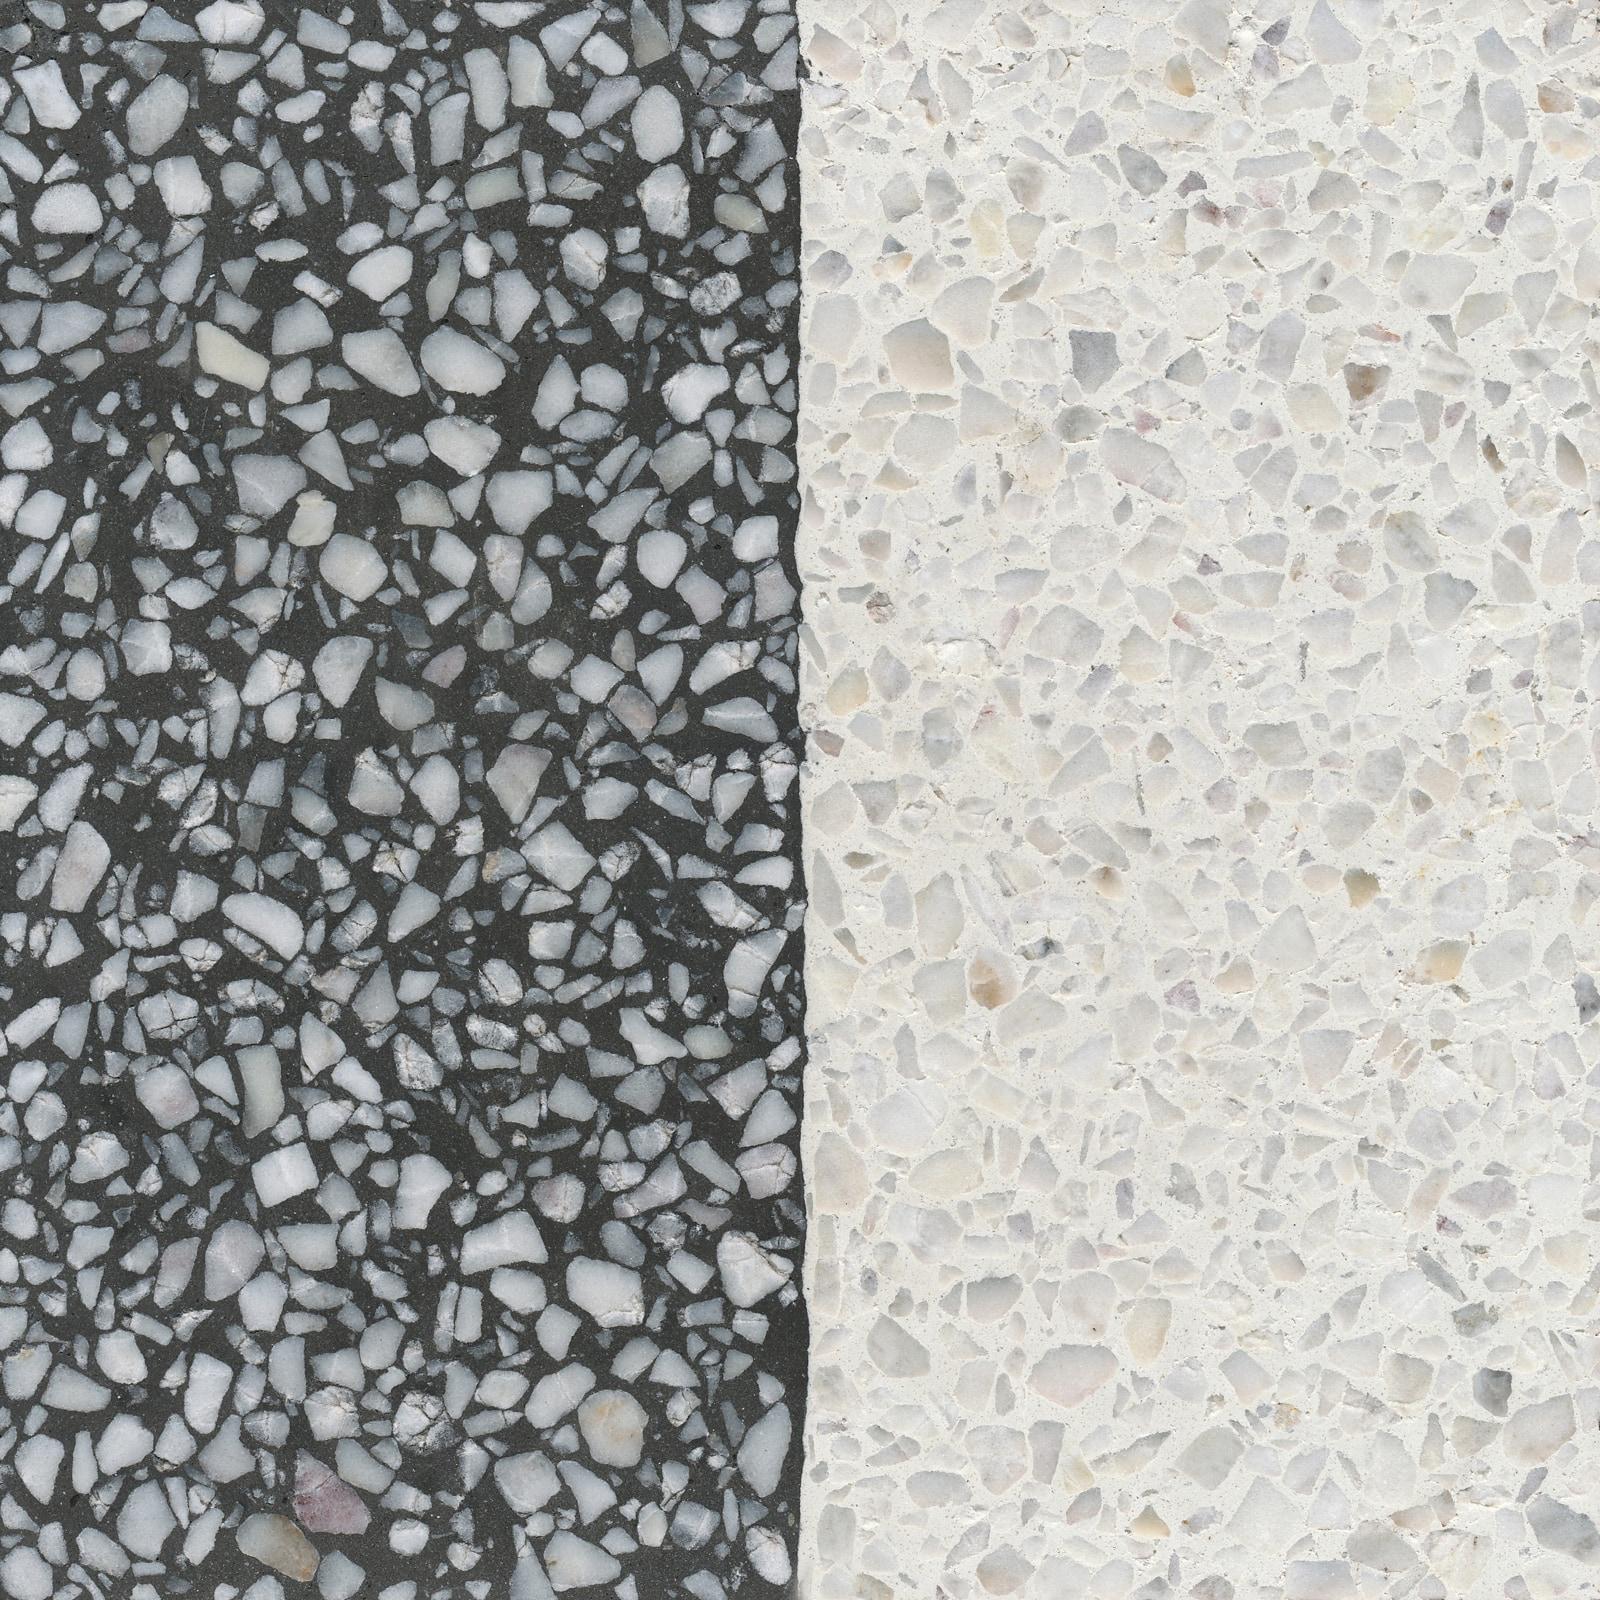 VIA Terrazzoplatte grob in schwarz und weiß